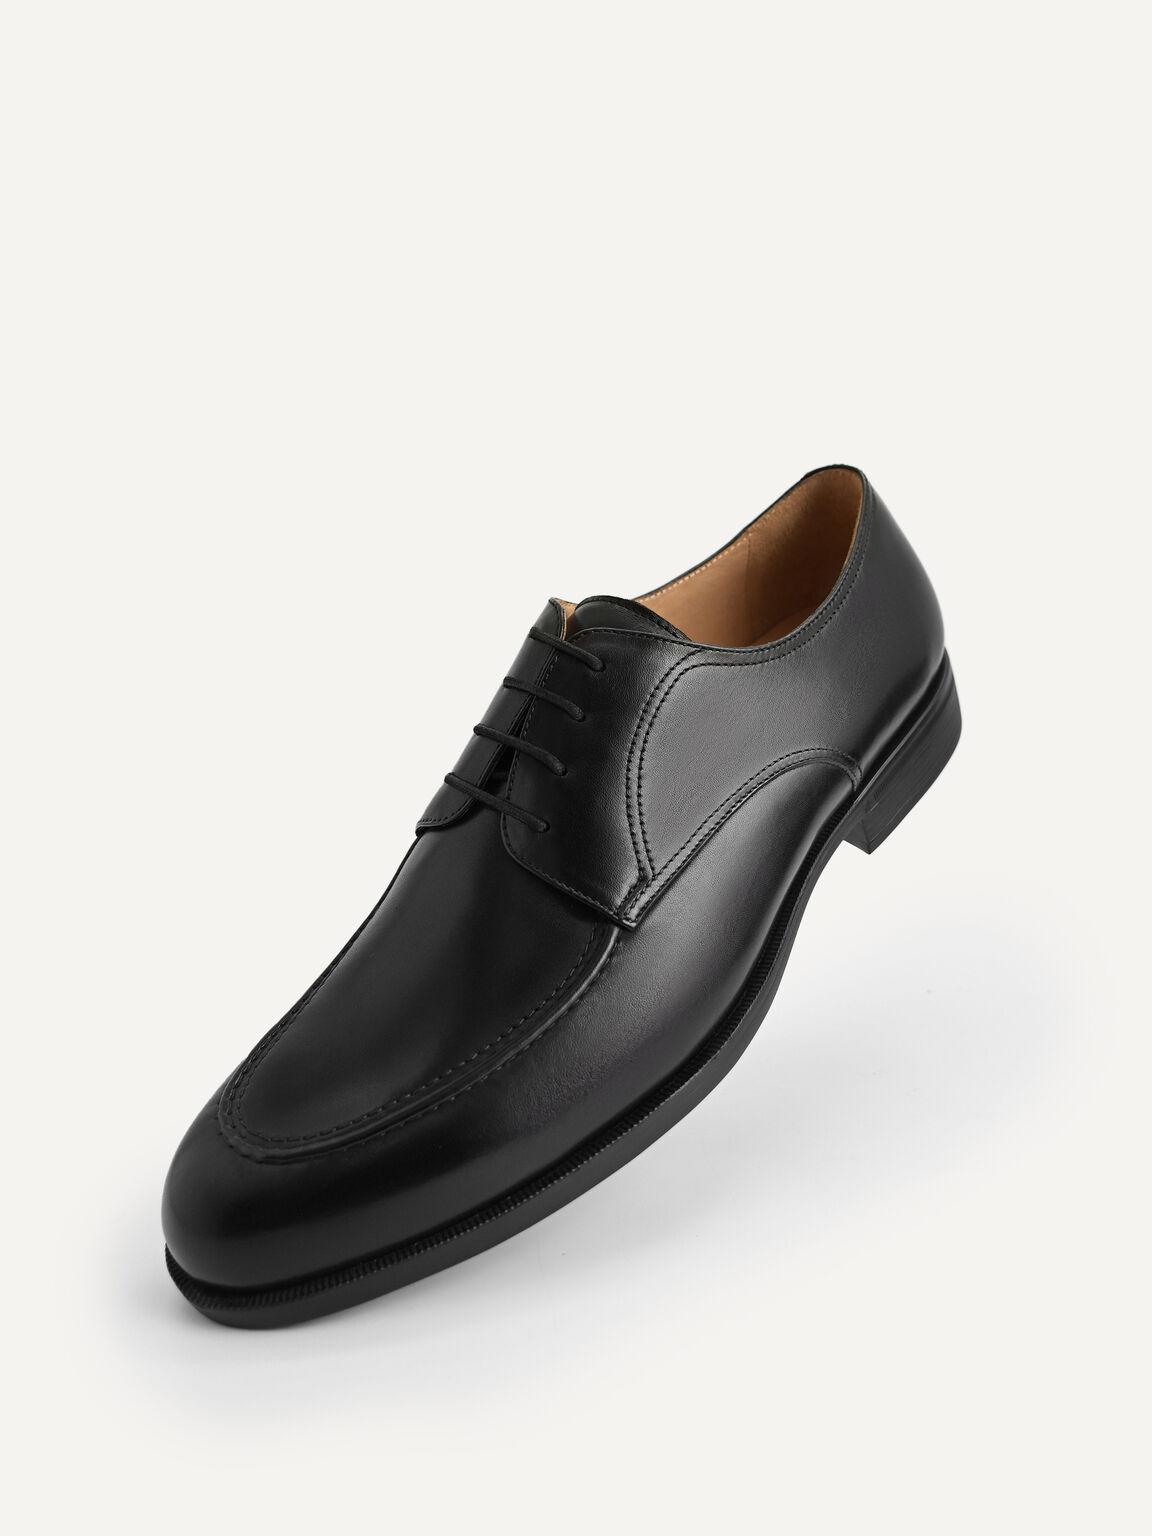 Altitude皮革德比鞋, 黑色, hi-res